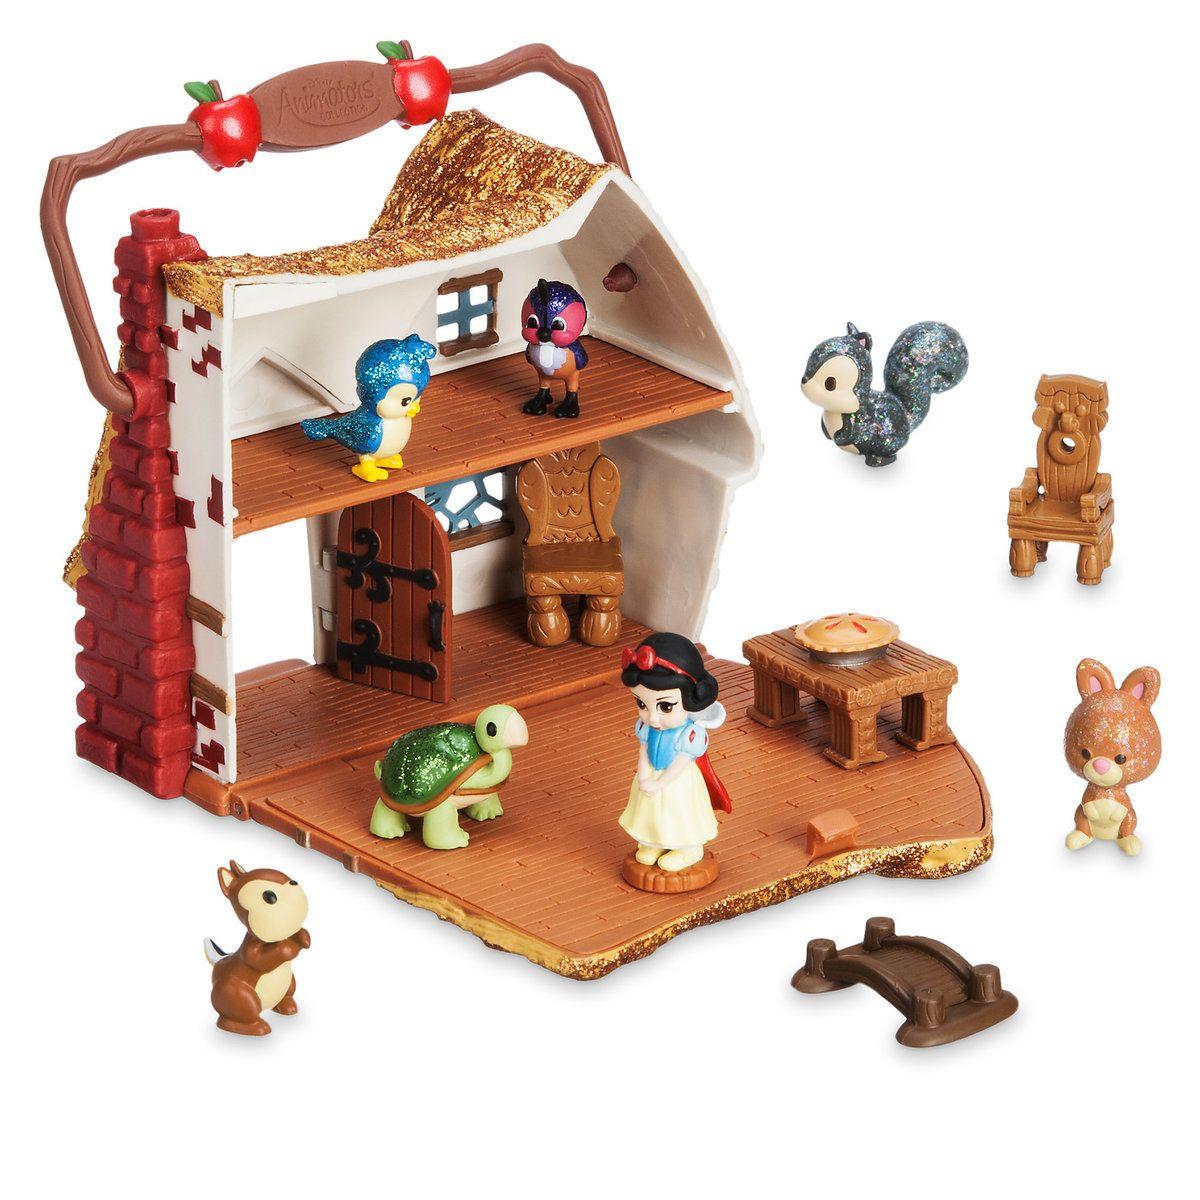 Игровой набор мини домик с аксессуарами Белоснежка, Disney Store